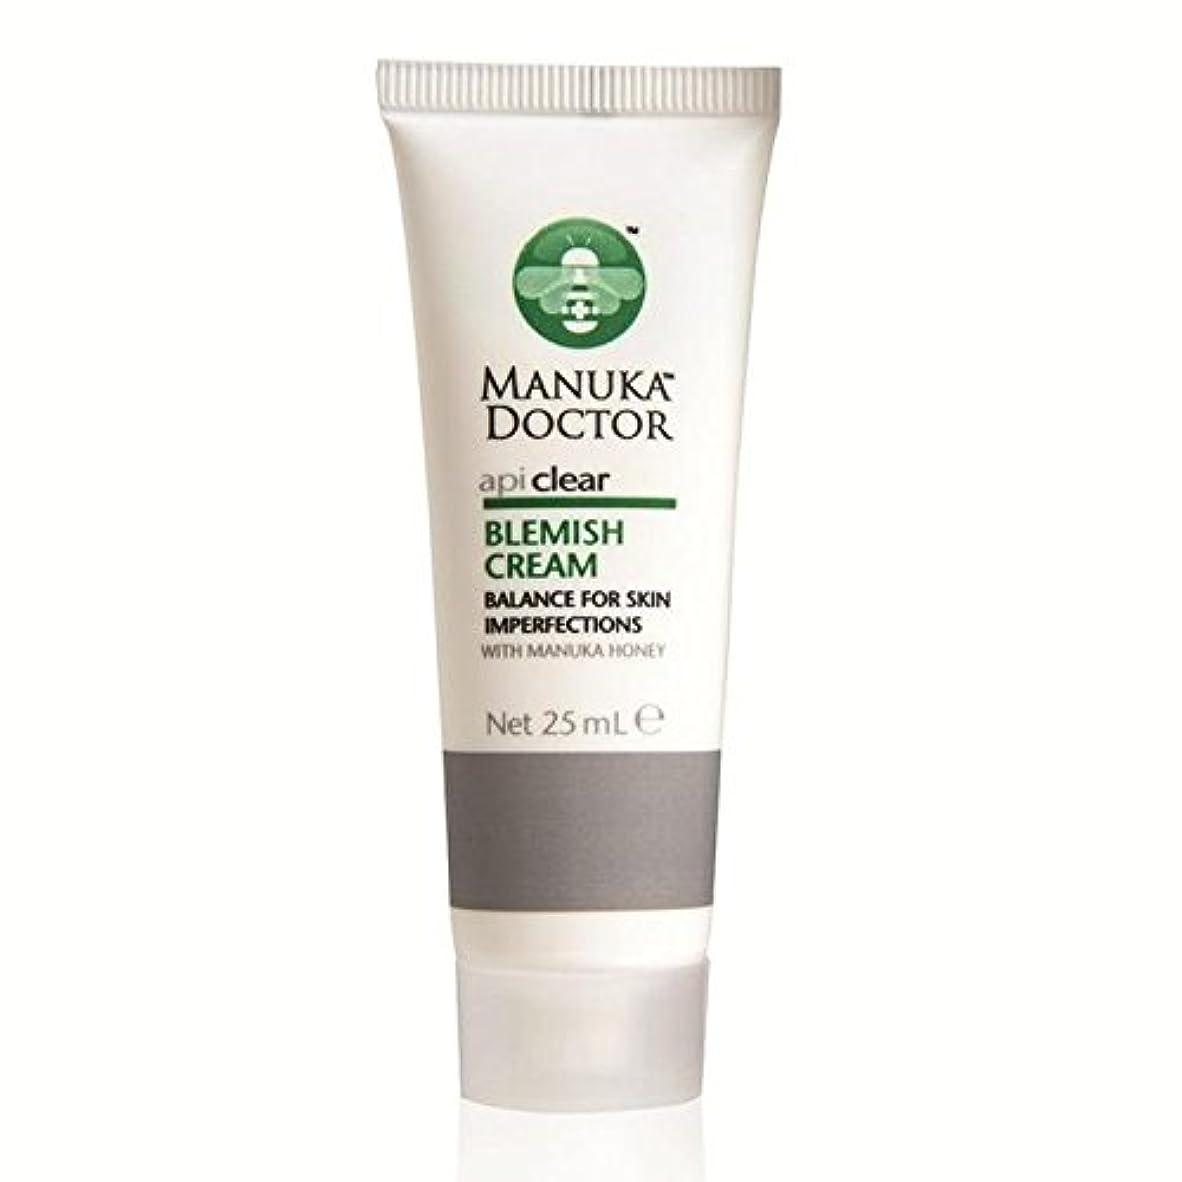 算術安心博物館マヌカドクター明確な傷クリーム25ミリリットル x4 - Manuka Doctor Api Clear Blemish Cream 25ml (Pack of 4) [並行輸入品]